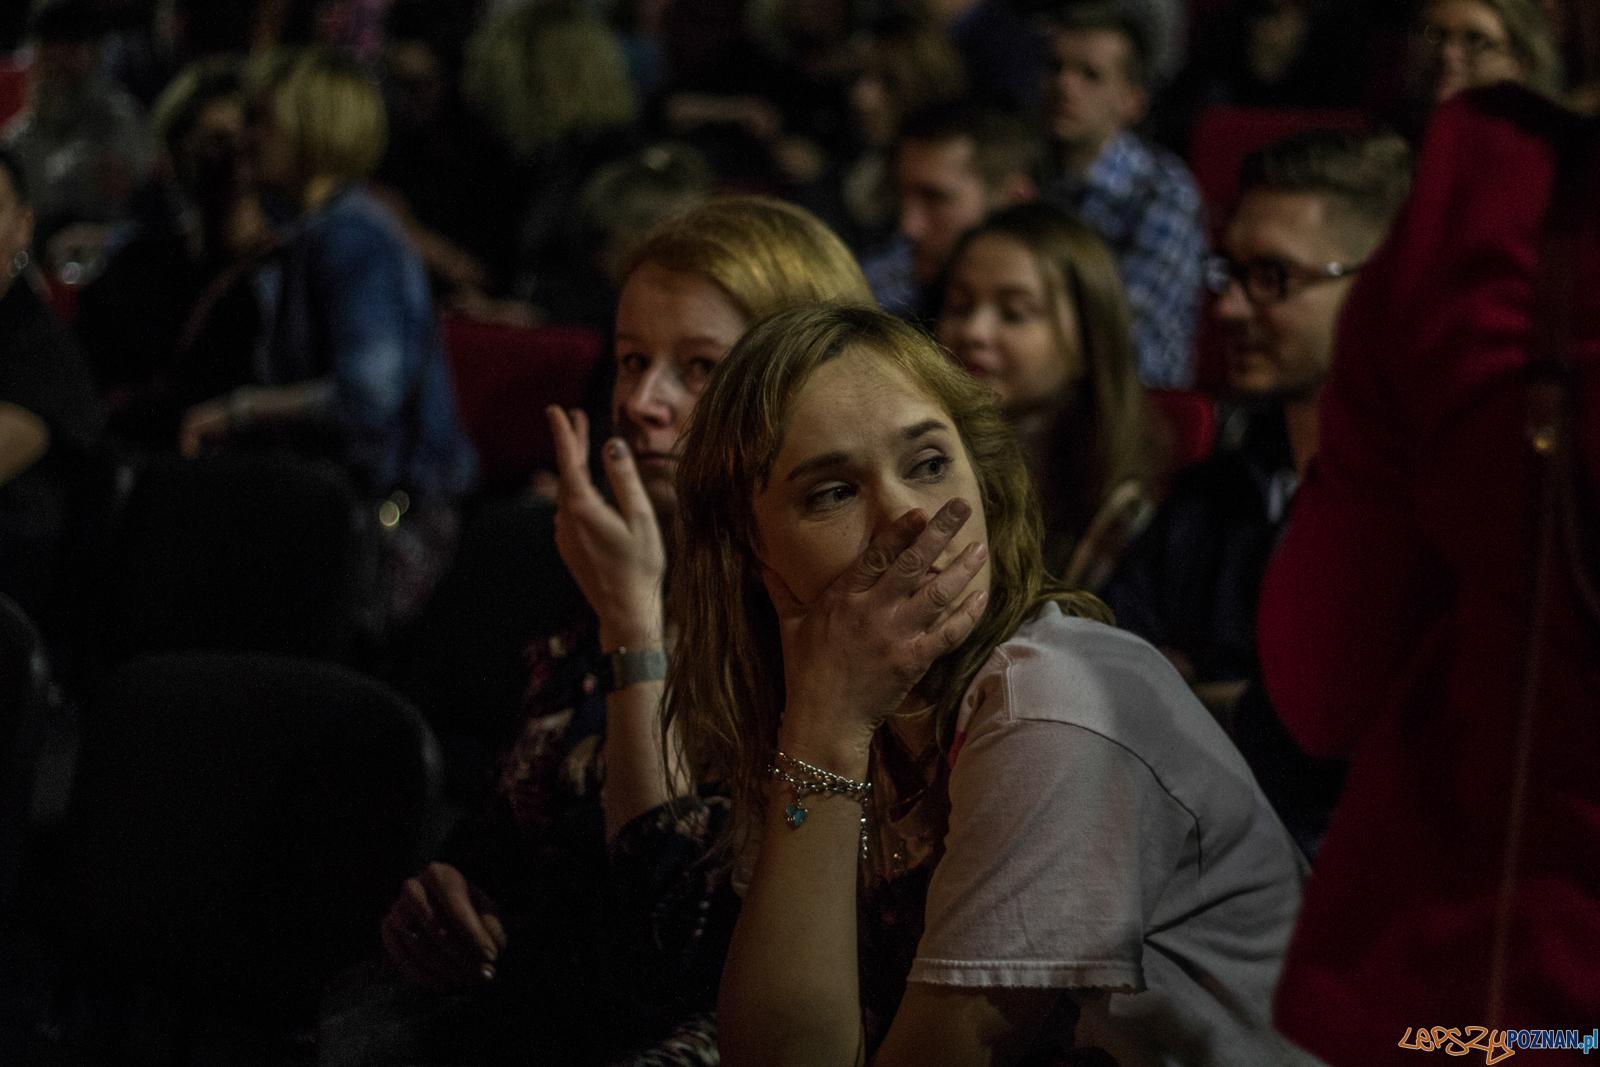 """Waglewski Fisz Emade promujący płytę """"Matka, Syn, Bóg"""" -  Foto: Katarzyna Waligóra"""